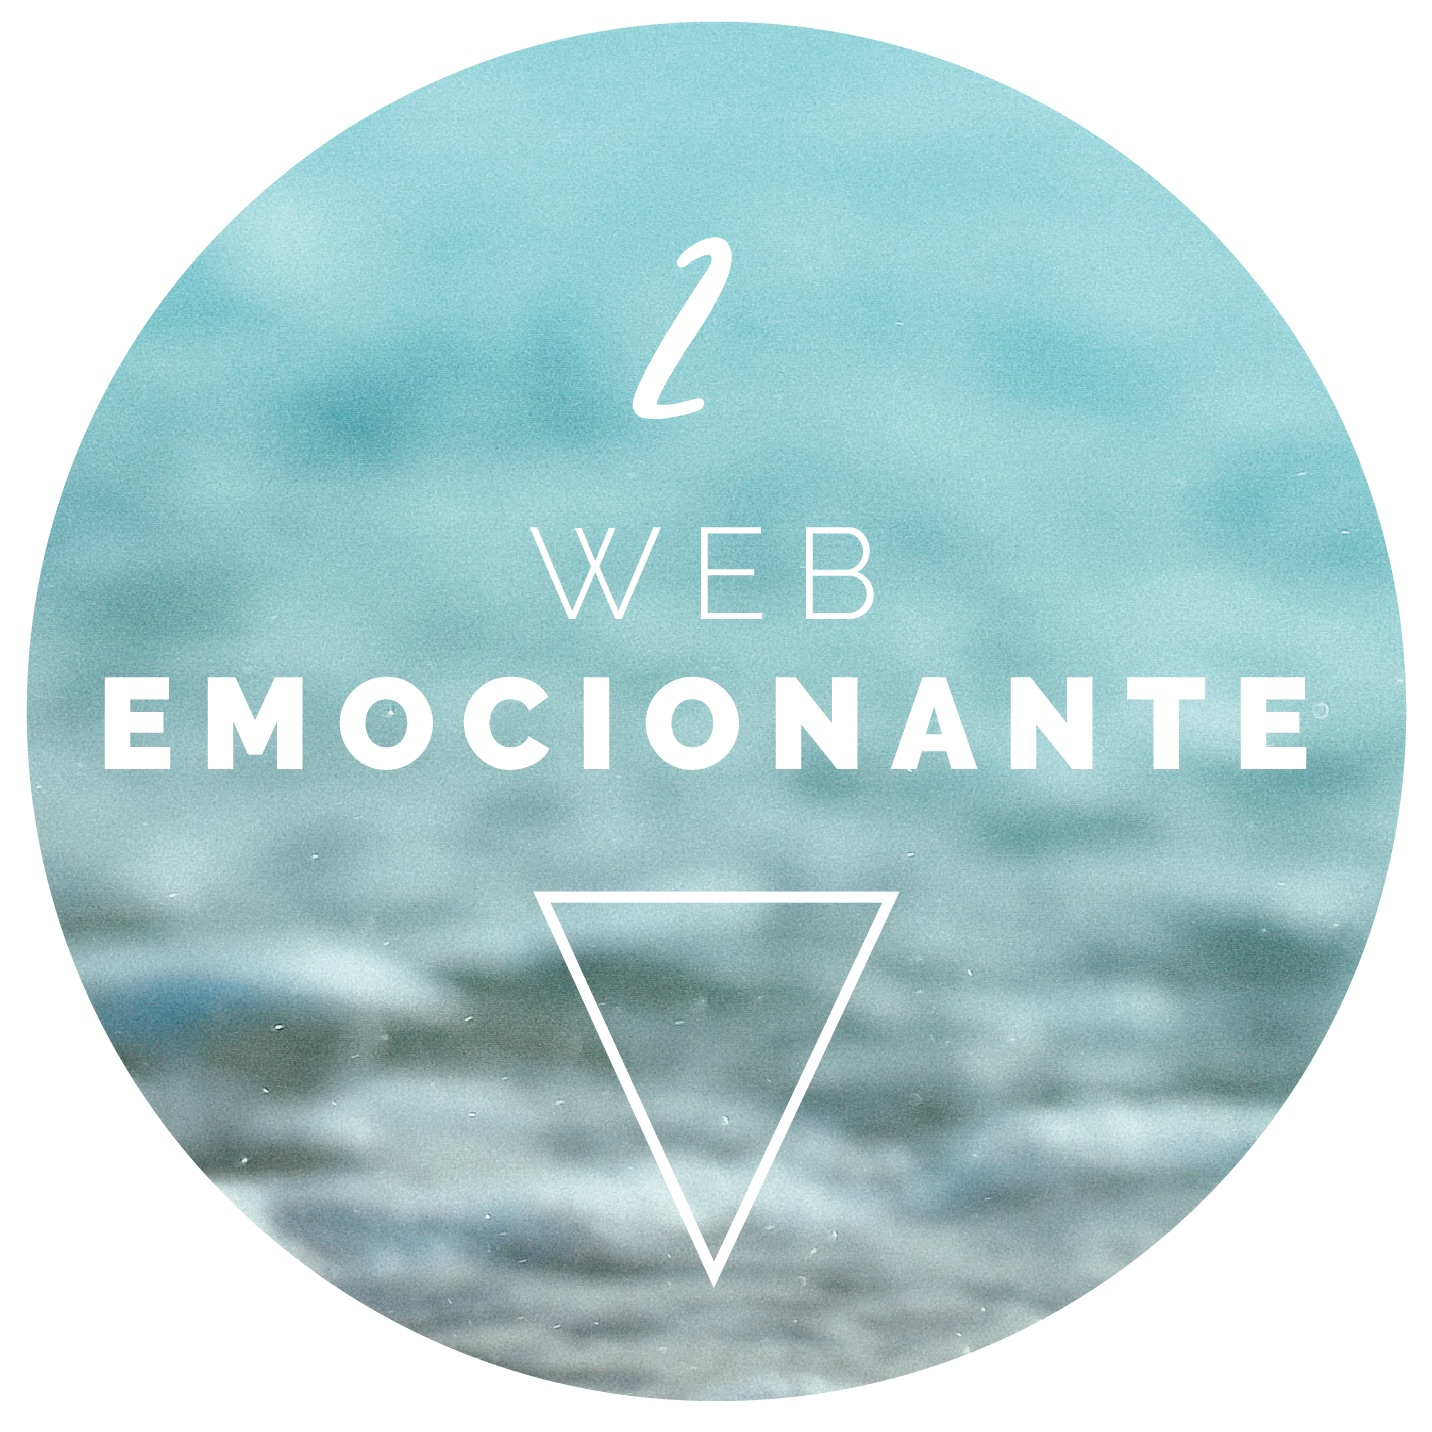 web_emocionante_icon.jpg